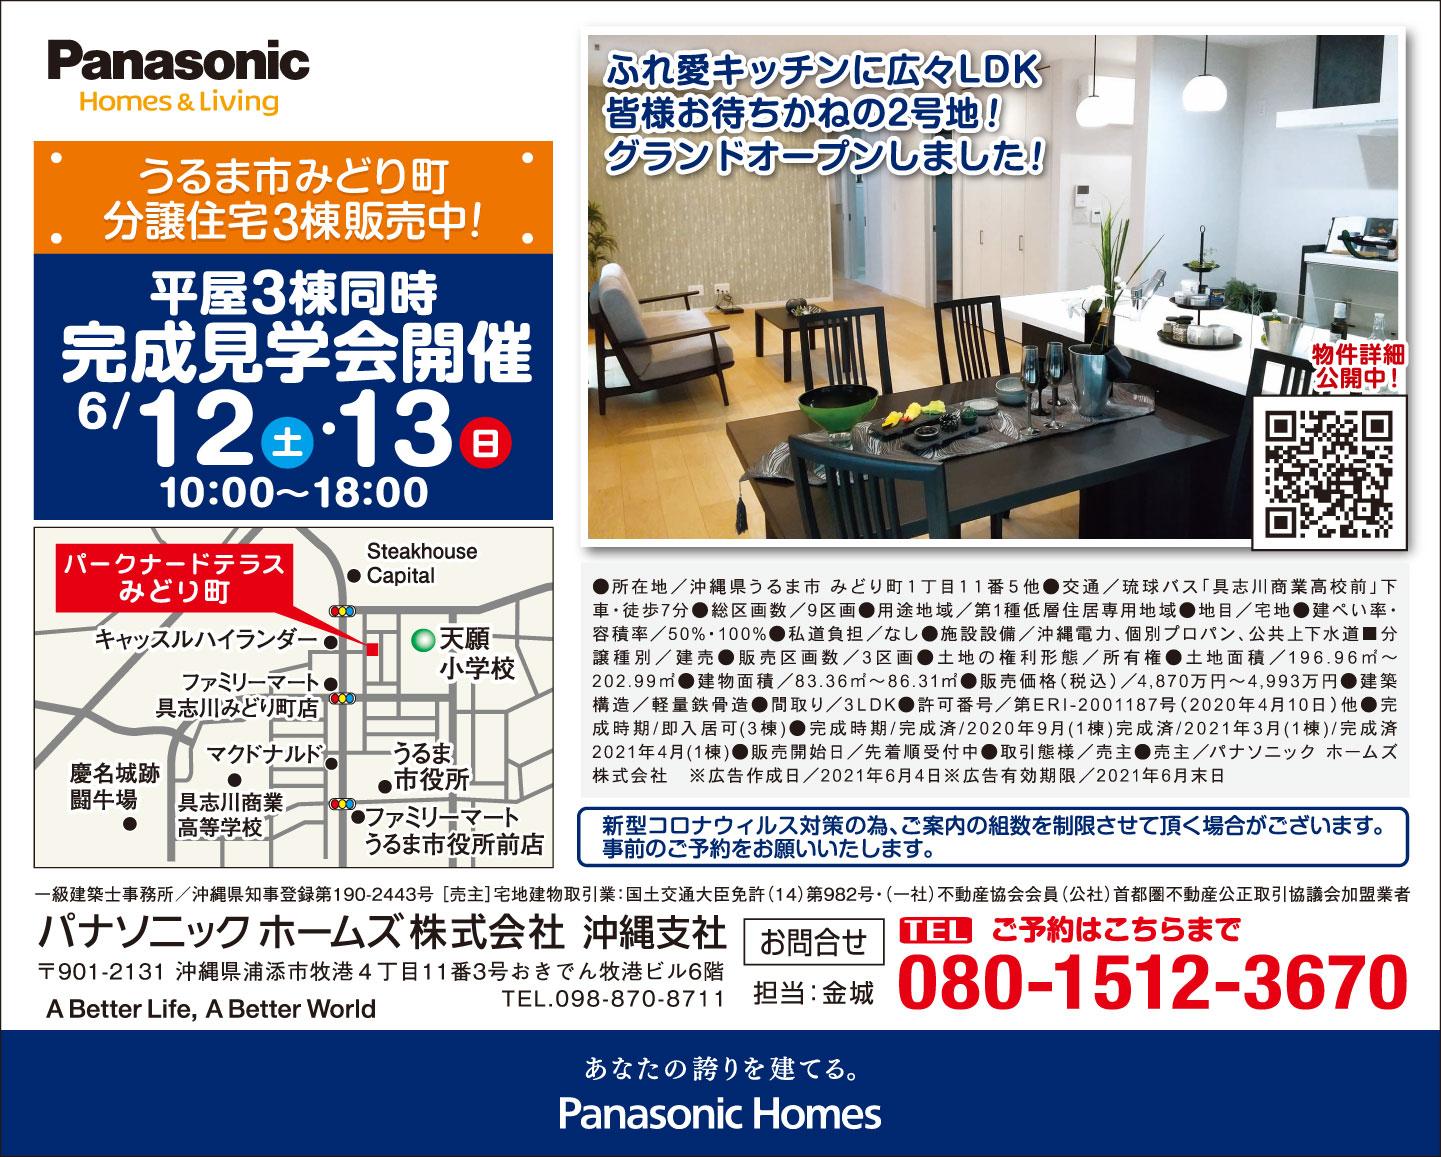 6/12~13にパナソニックホームズ株式会社沖縄支社がうるま市みどり町で完成見学会開催